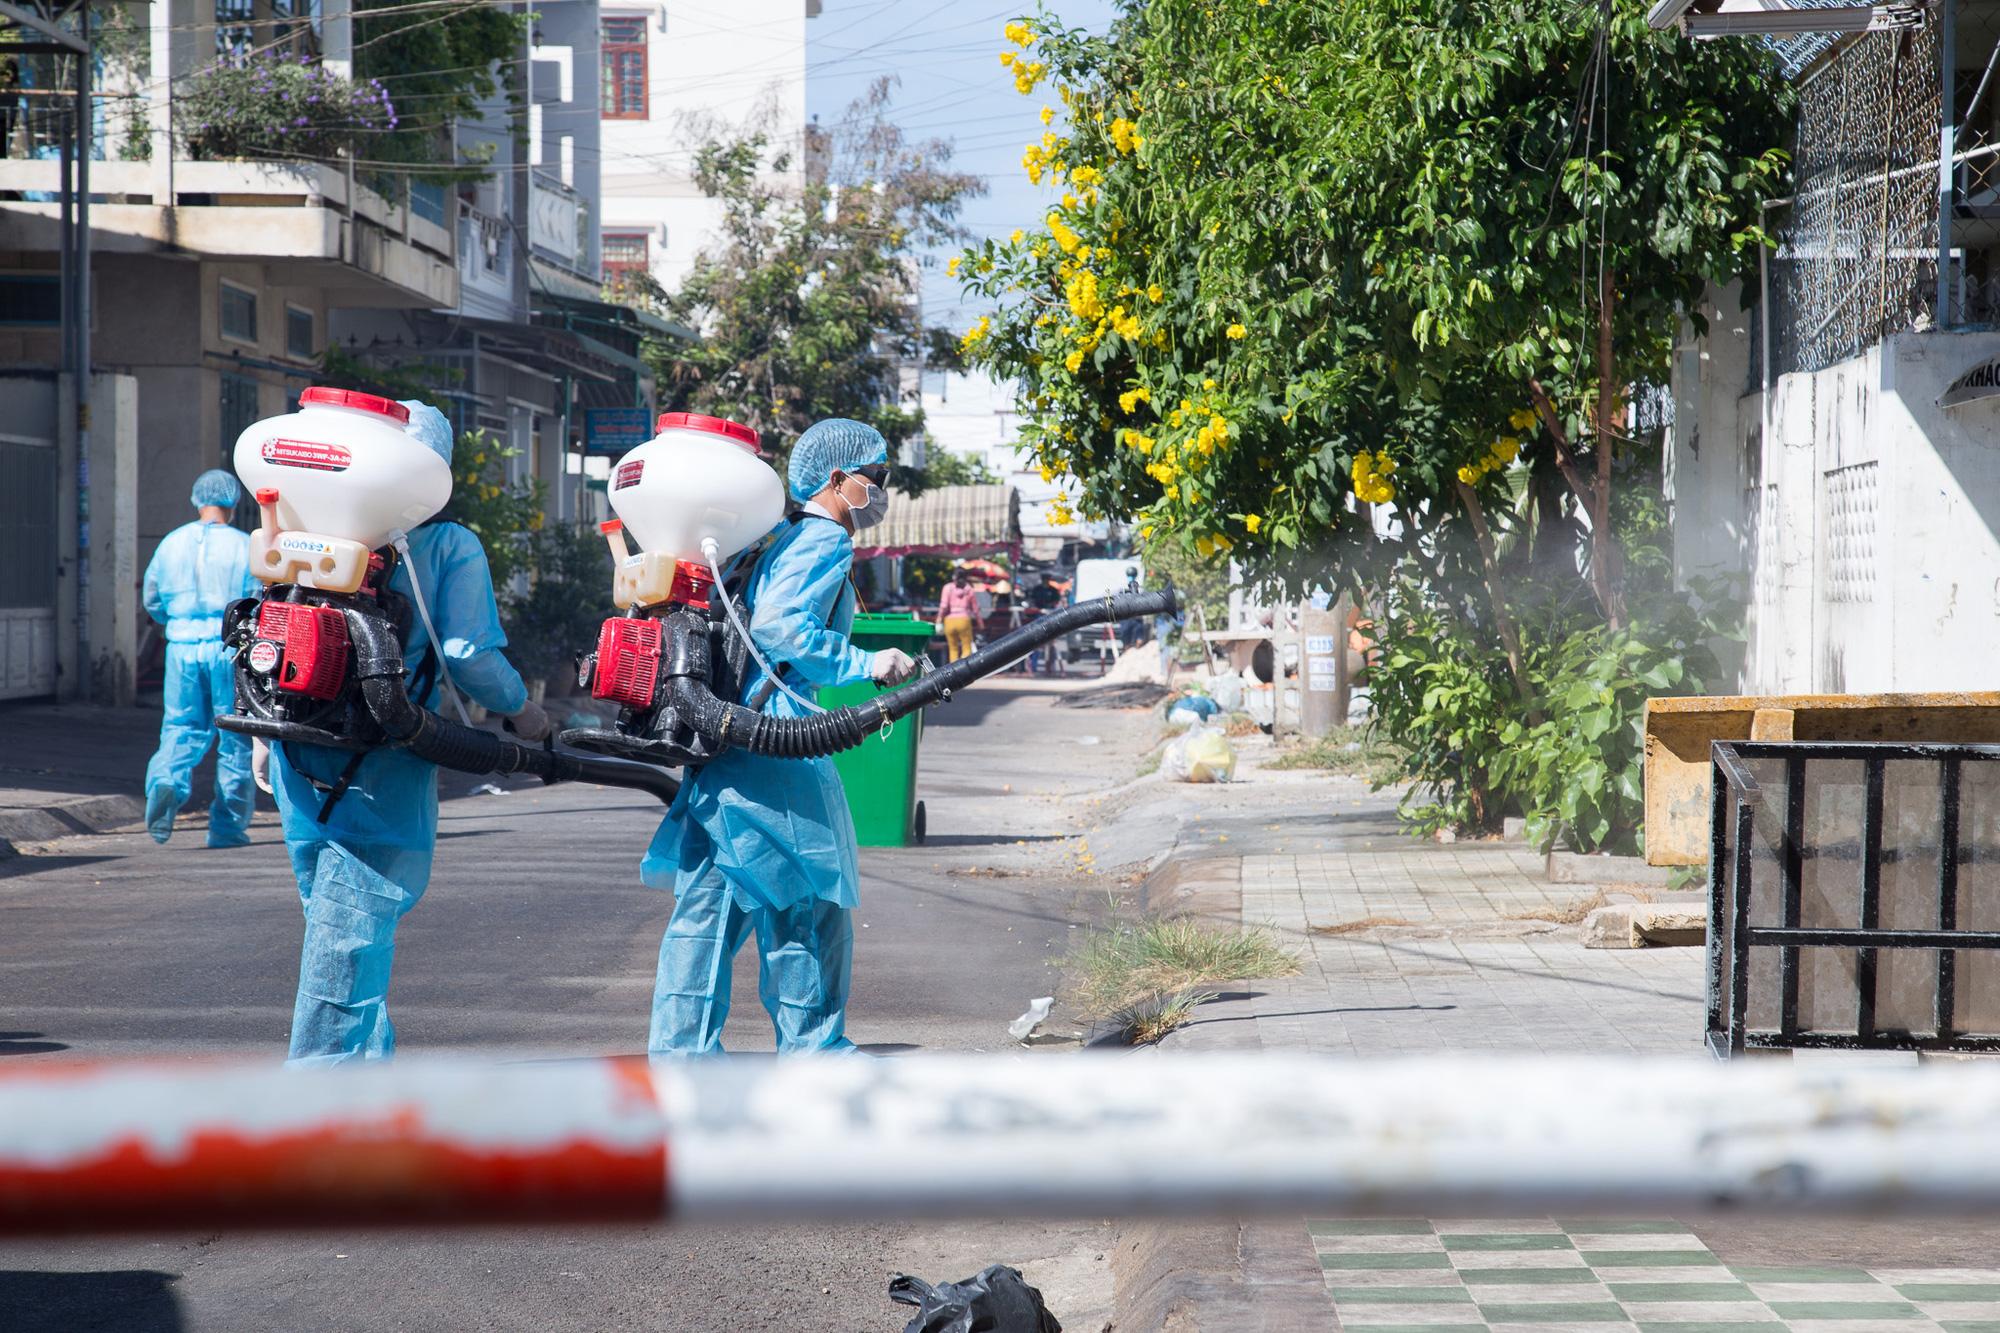 Bệnh nhân 148 đi nhiều nơi, quận Đống Đa báo cáo TP Hà Nội về việc cách li tầng 8 hoặc toàn bộ chung cư 36 Hoàng Cầu - Ảnh 1.